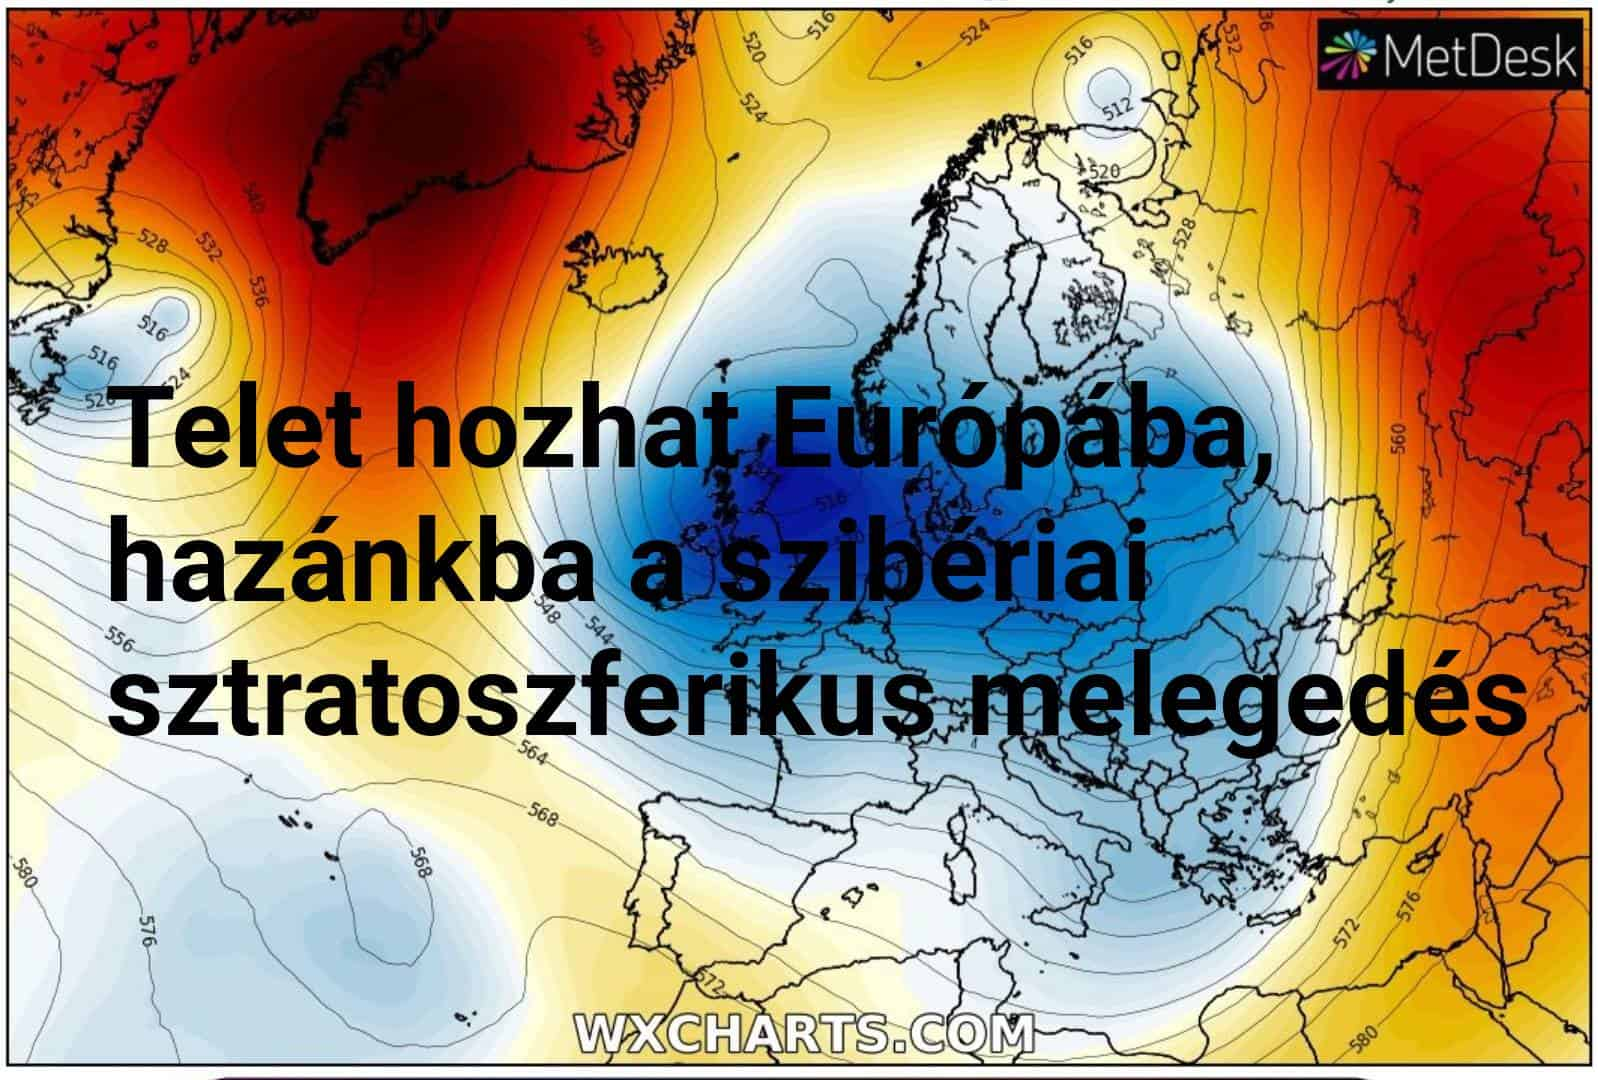 Hirtelen sztratoszferikus melegedés hozhat téli időt Európaszerte! (Hosszútávú előrejelzés) 1